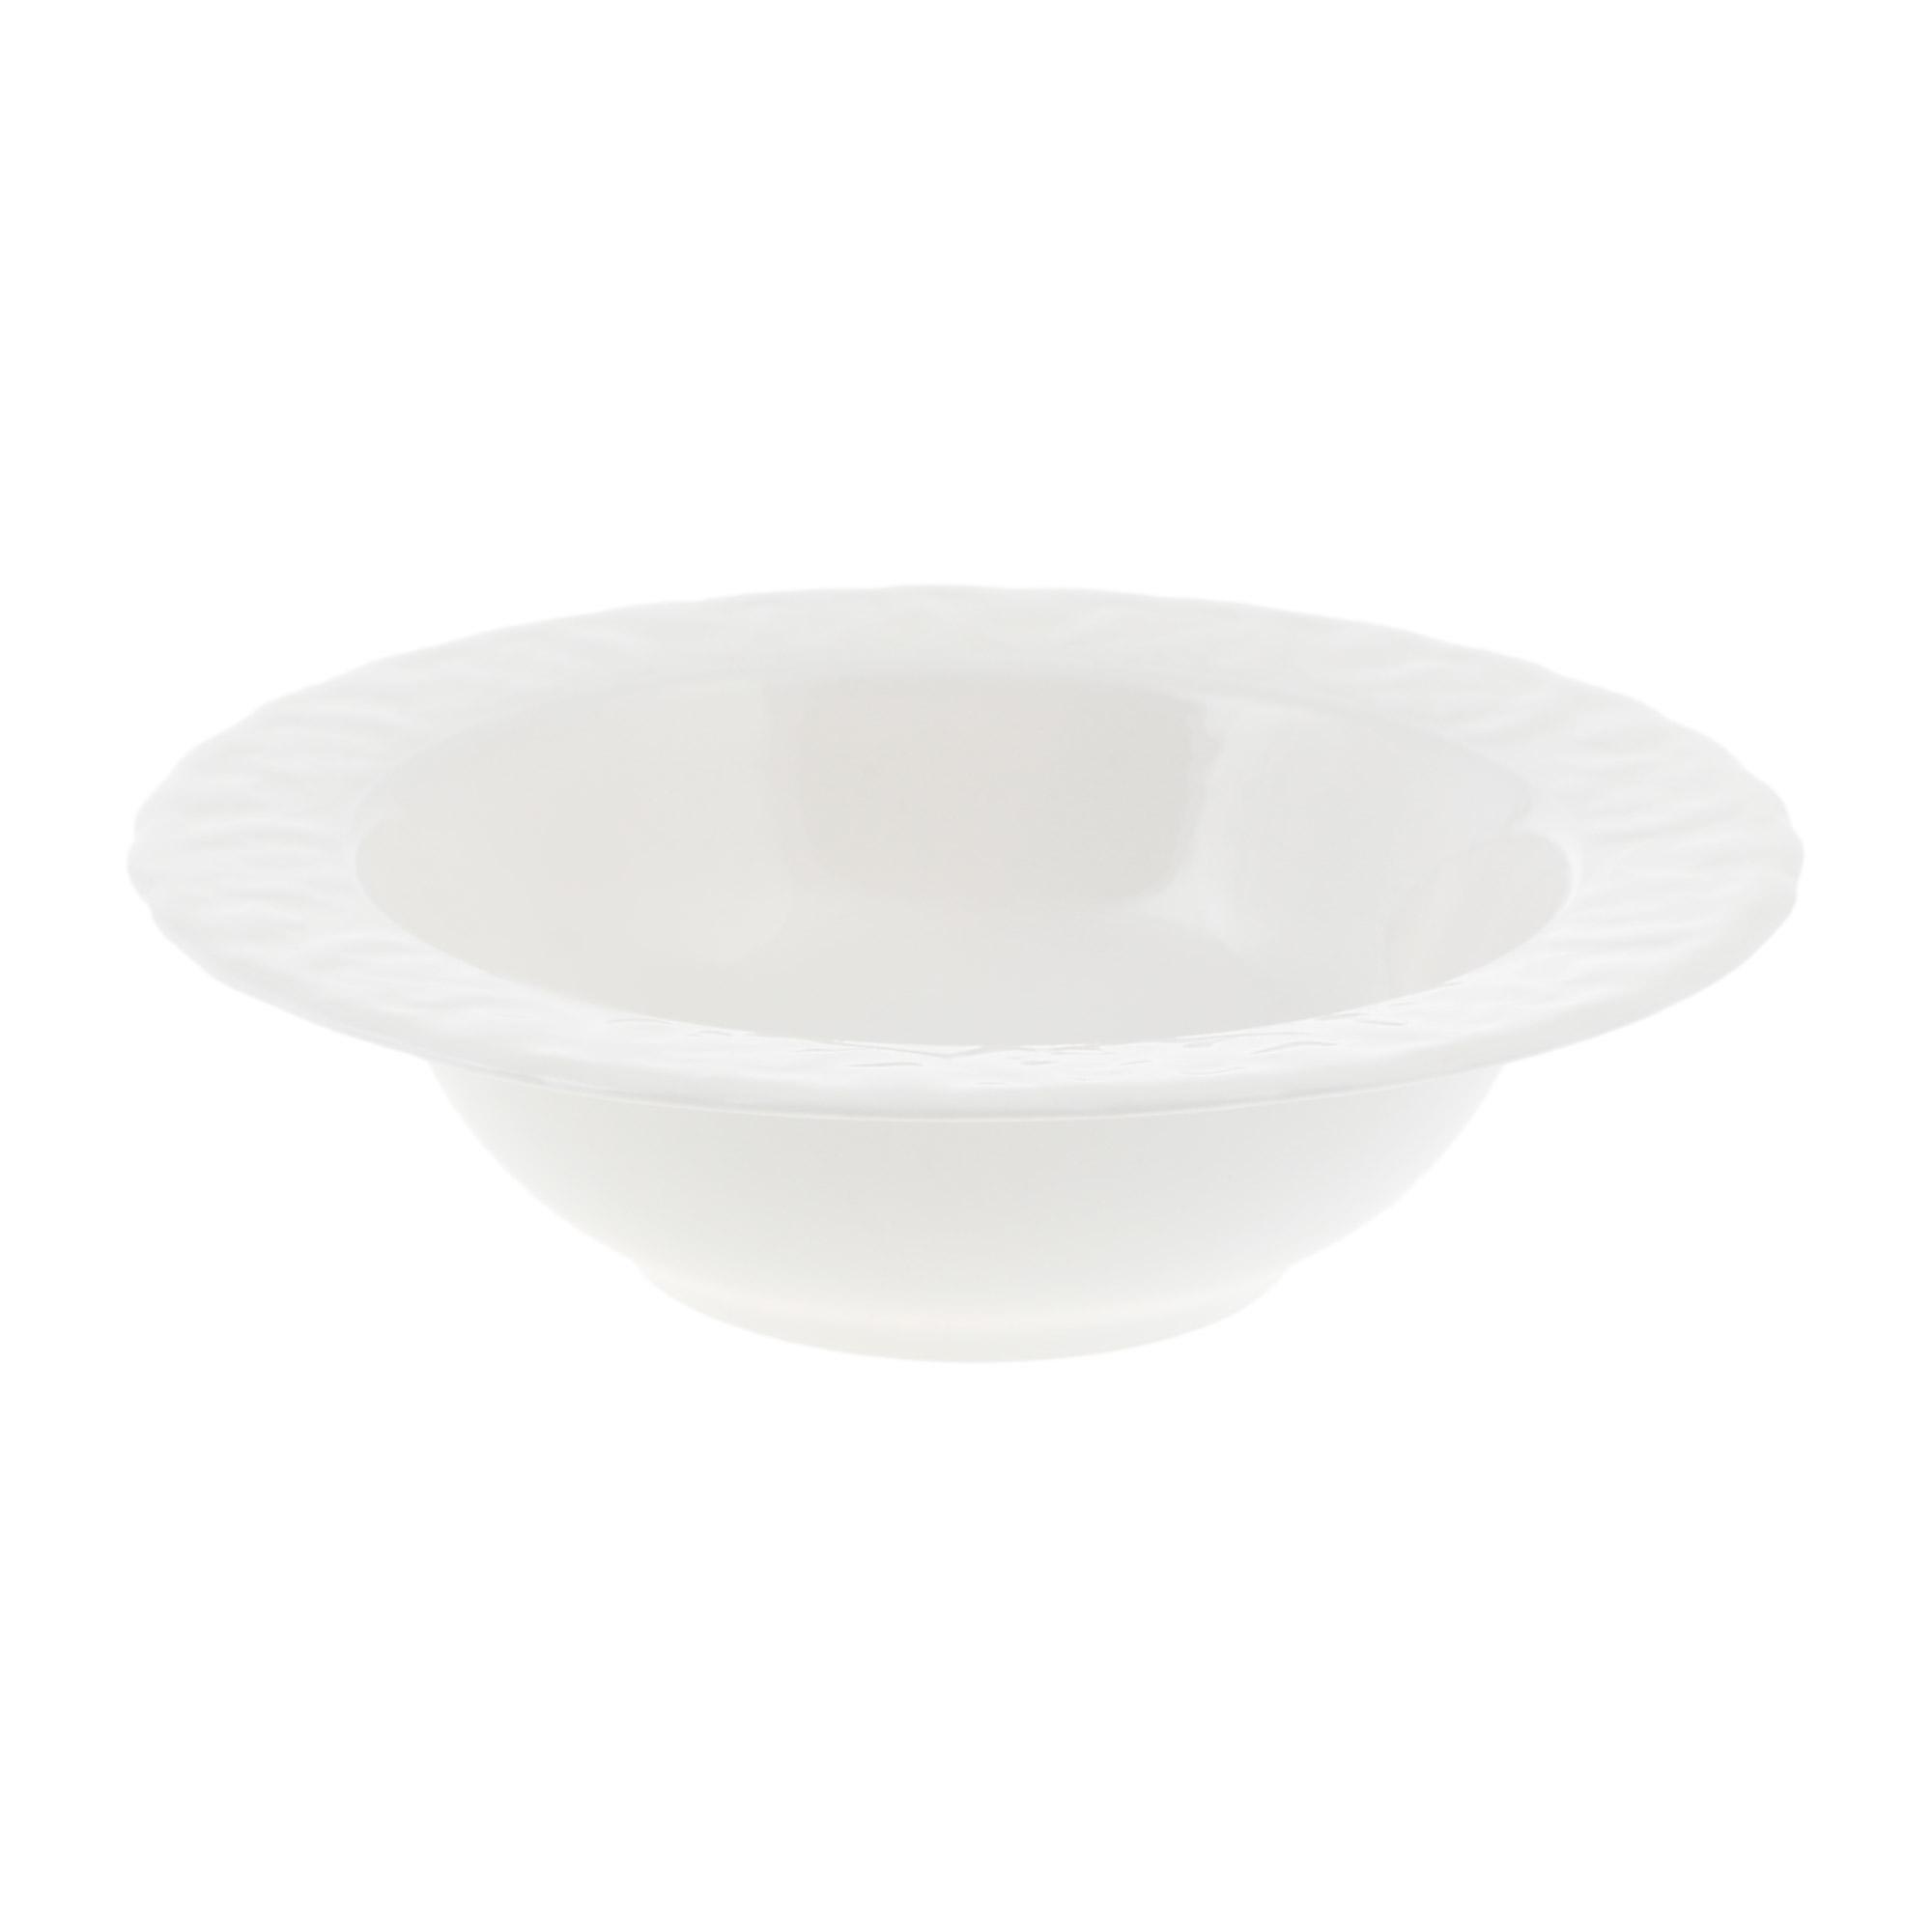 Салатник 16 см Kutahya porselen Basak недекорированный фото